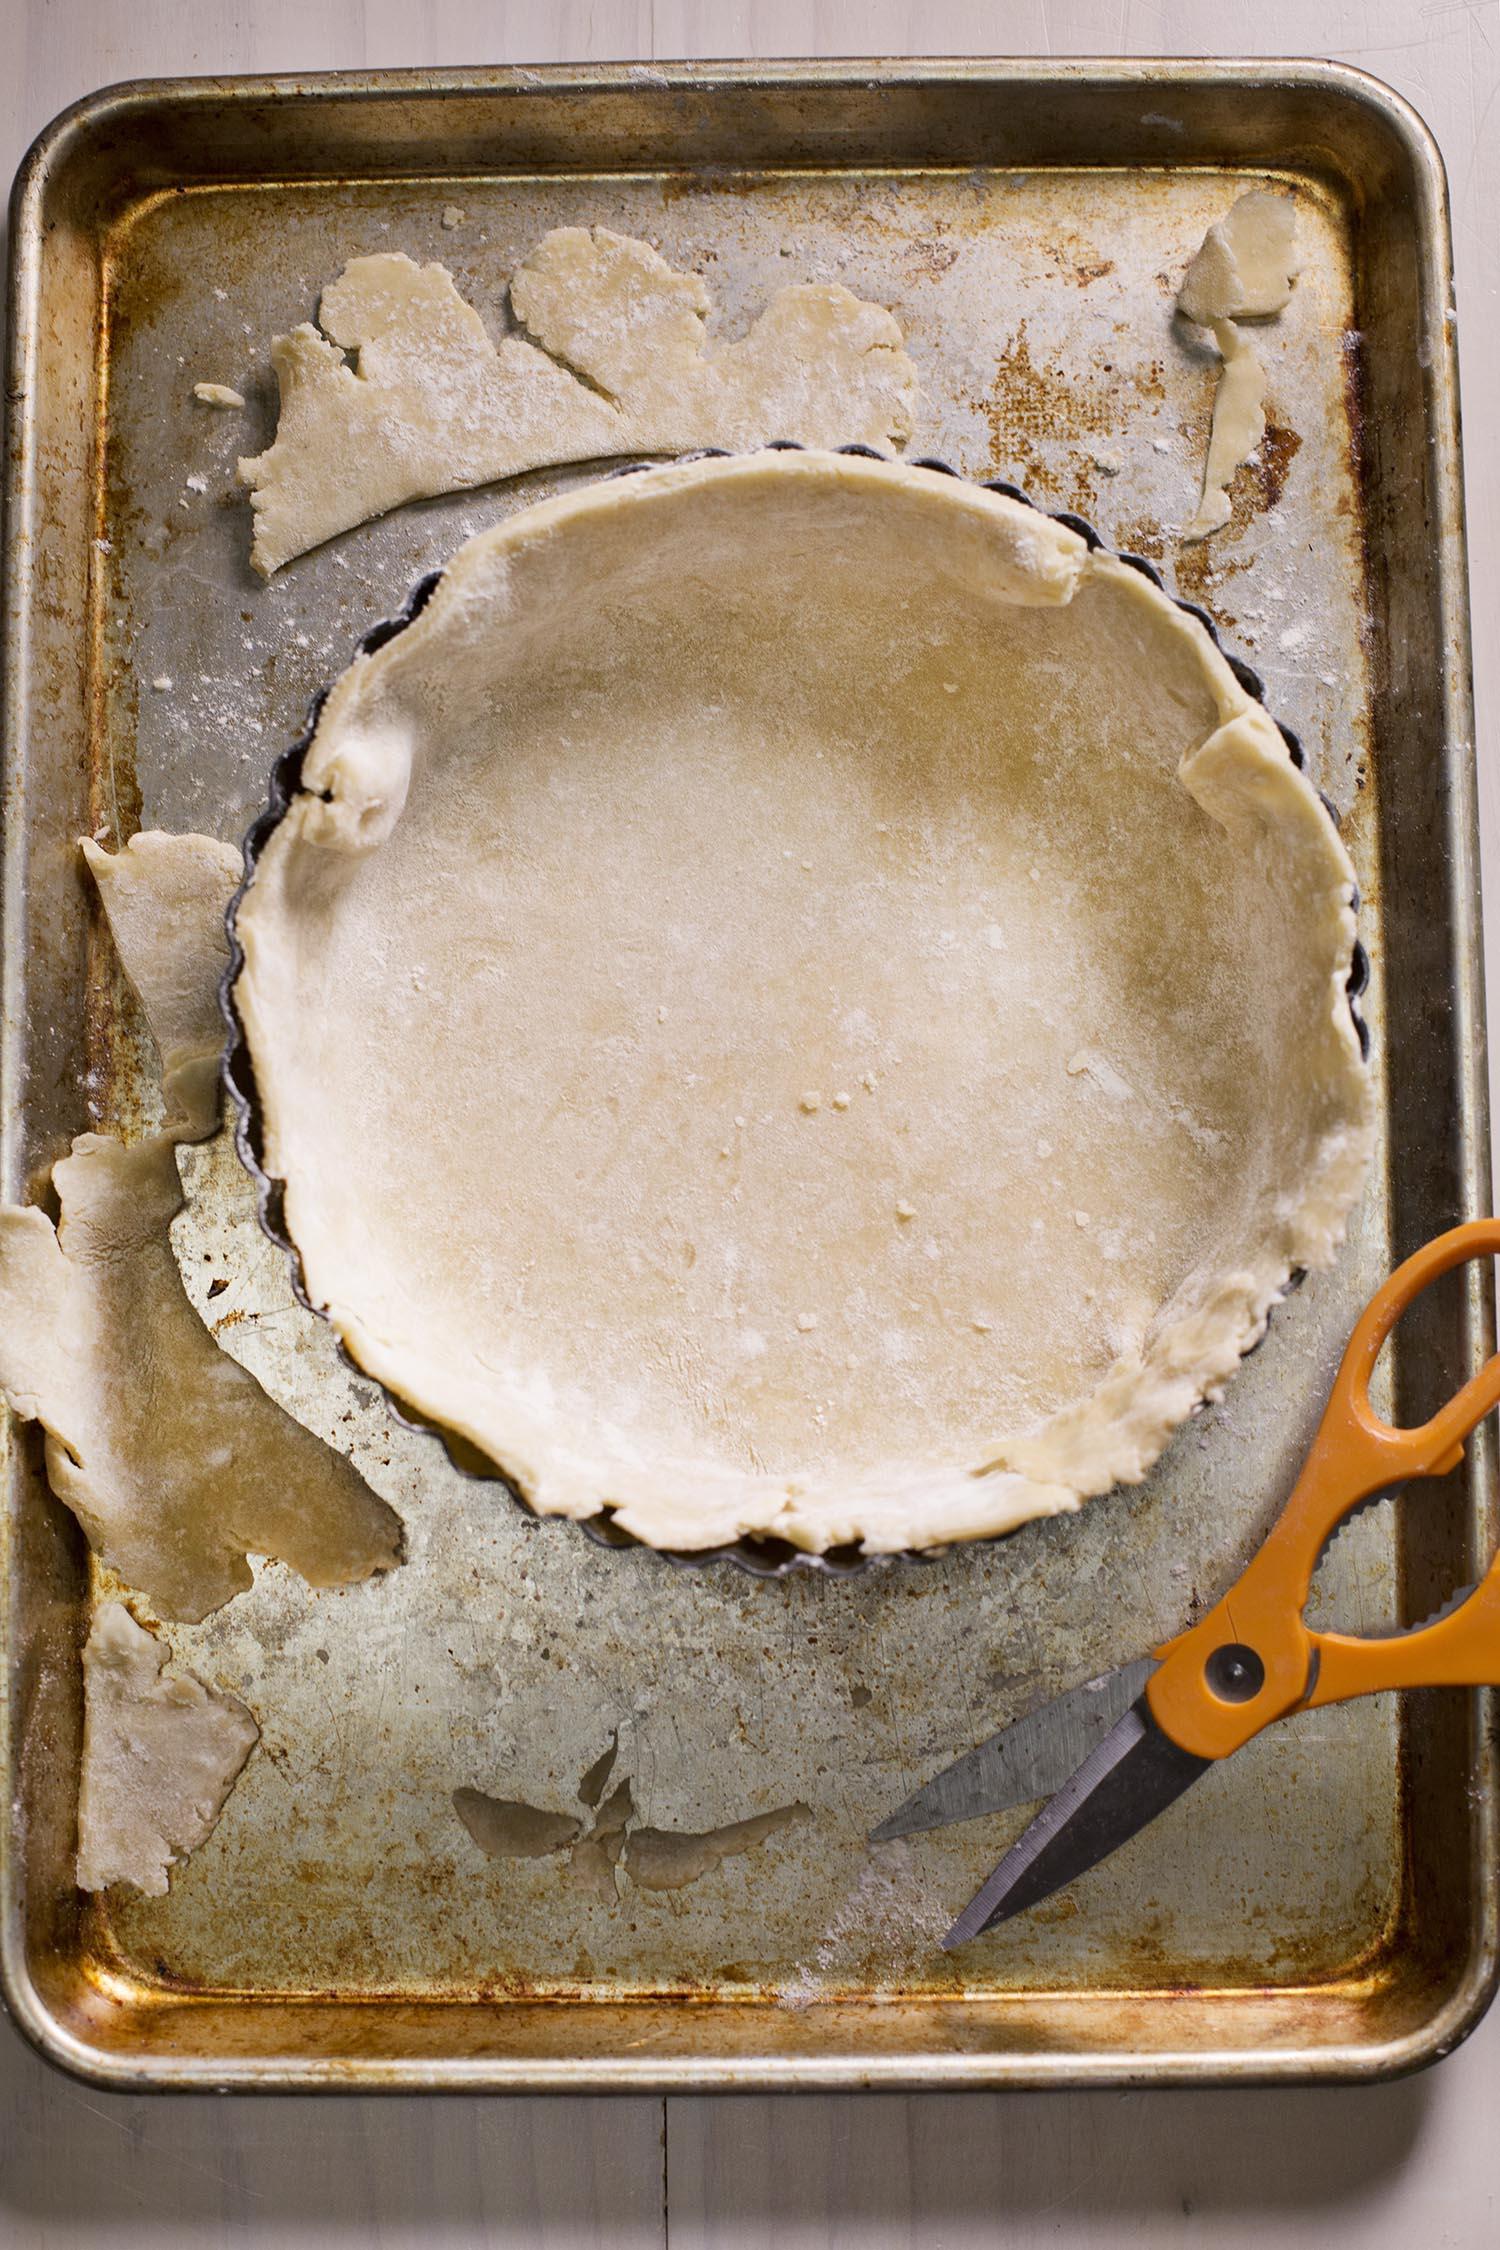 Quiche crust recipe